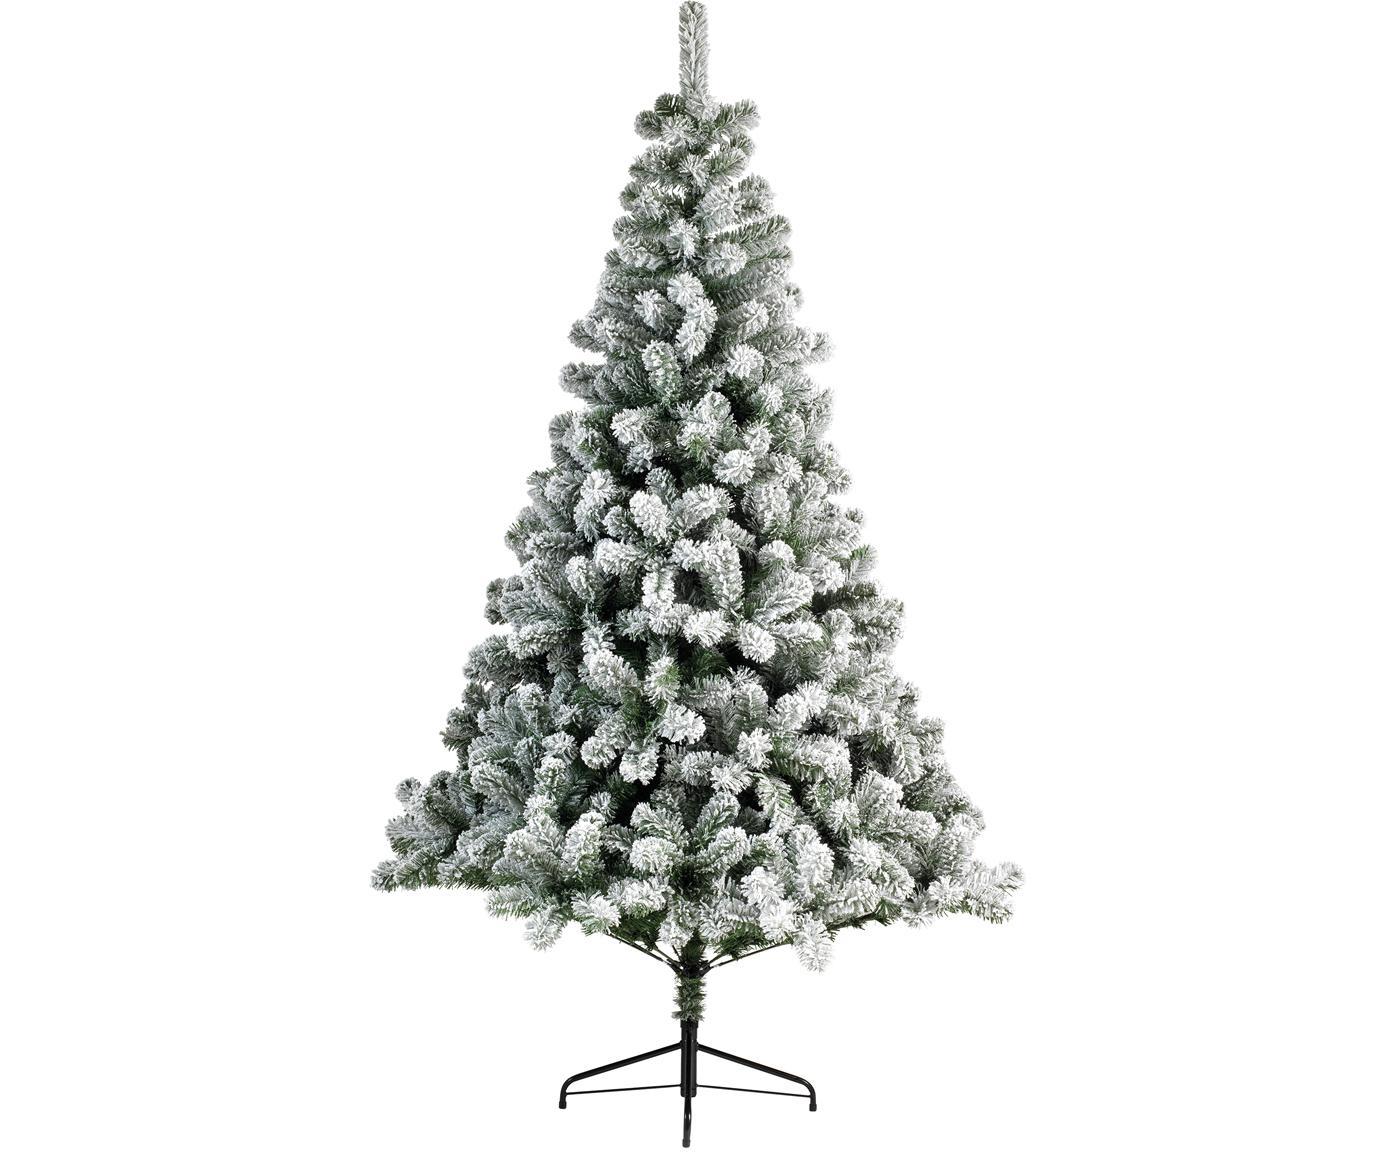 Künstlicher Weihnachtsbaum North Pole, Fuß: Metall, beschichtet, Grün, Weiß, Ø 117 x H 180 cm